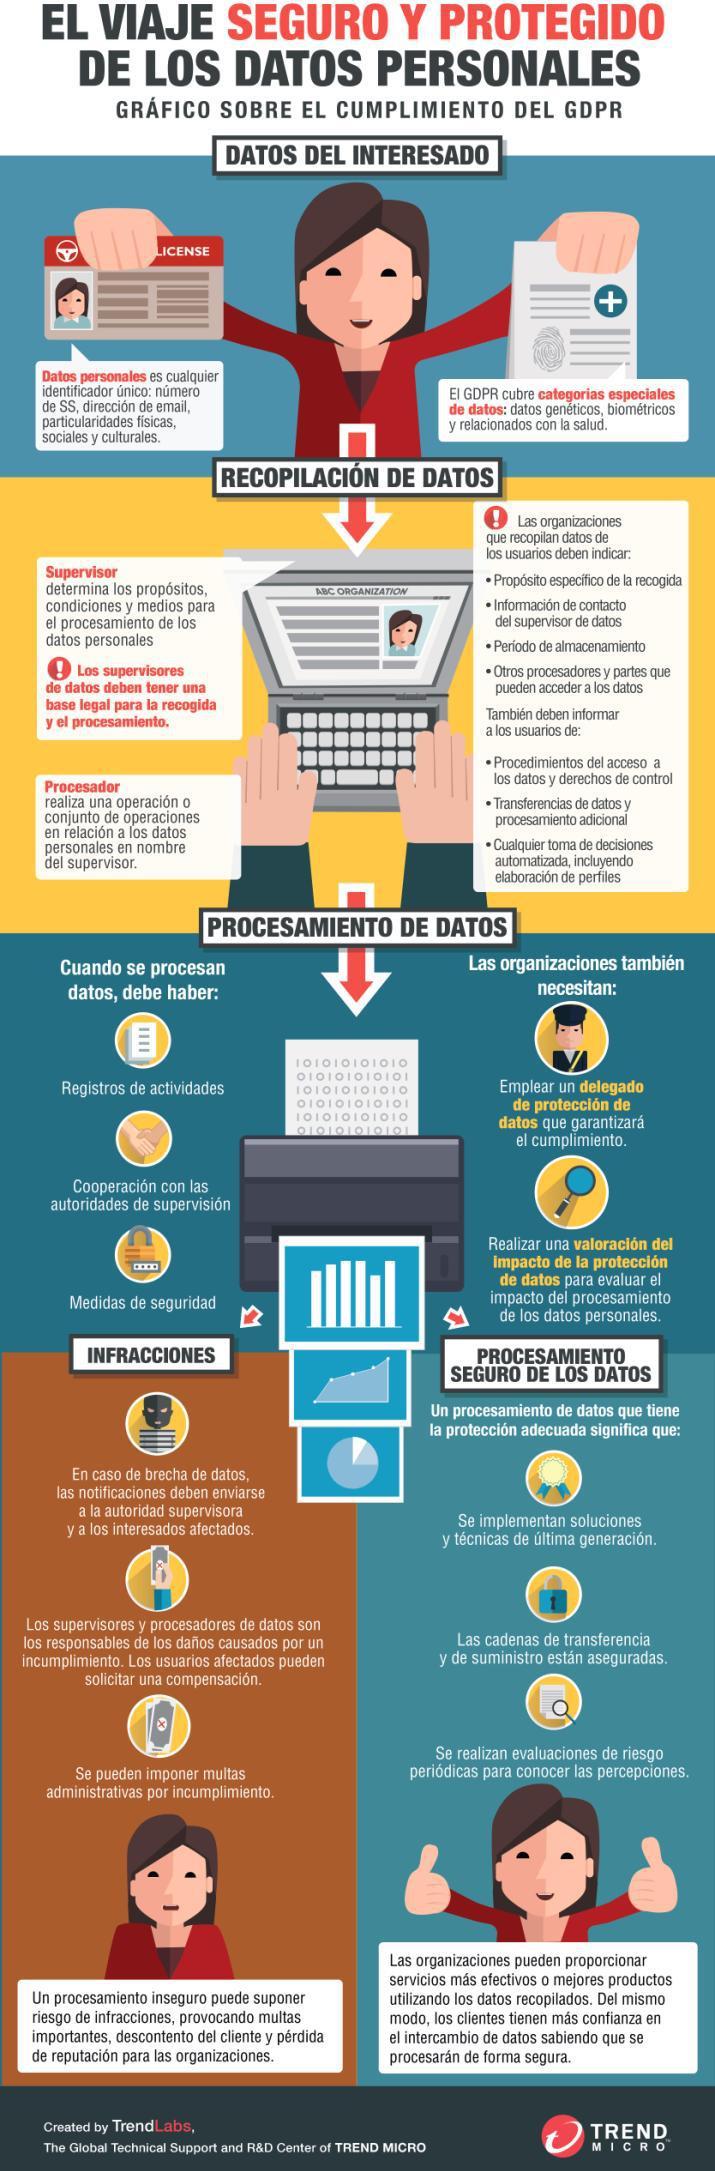 El viaje seguro y protegido de los Datos Personales #infografia #infographic #rgpd